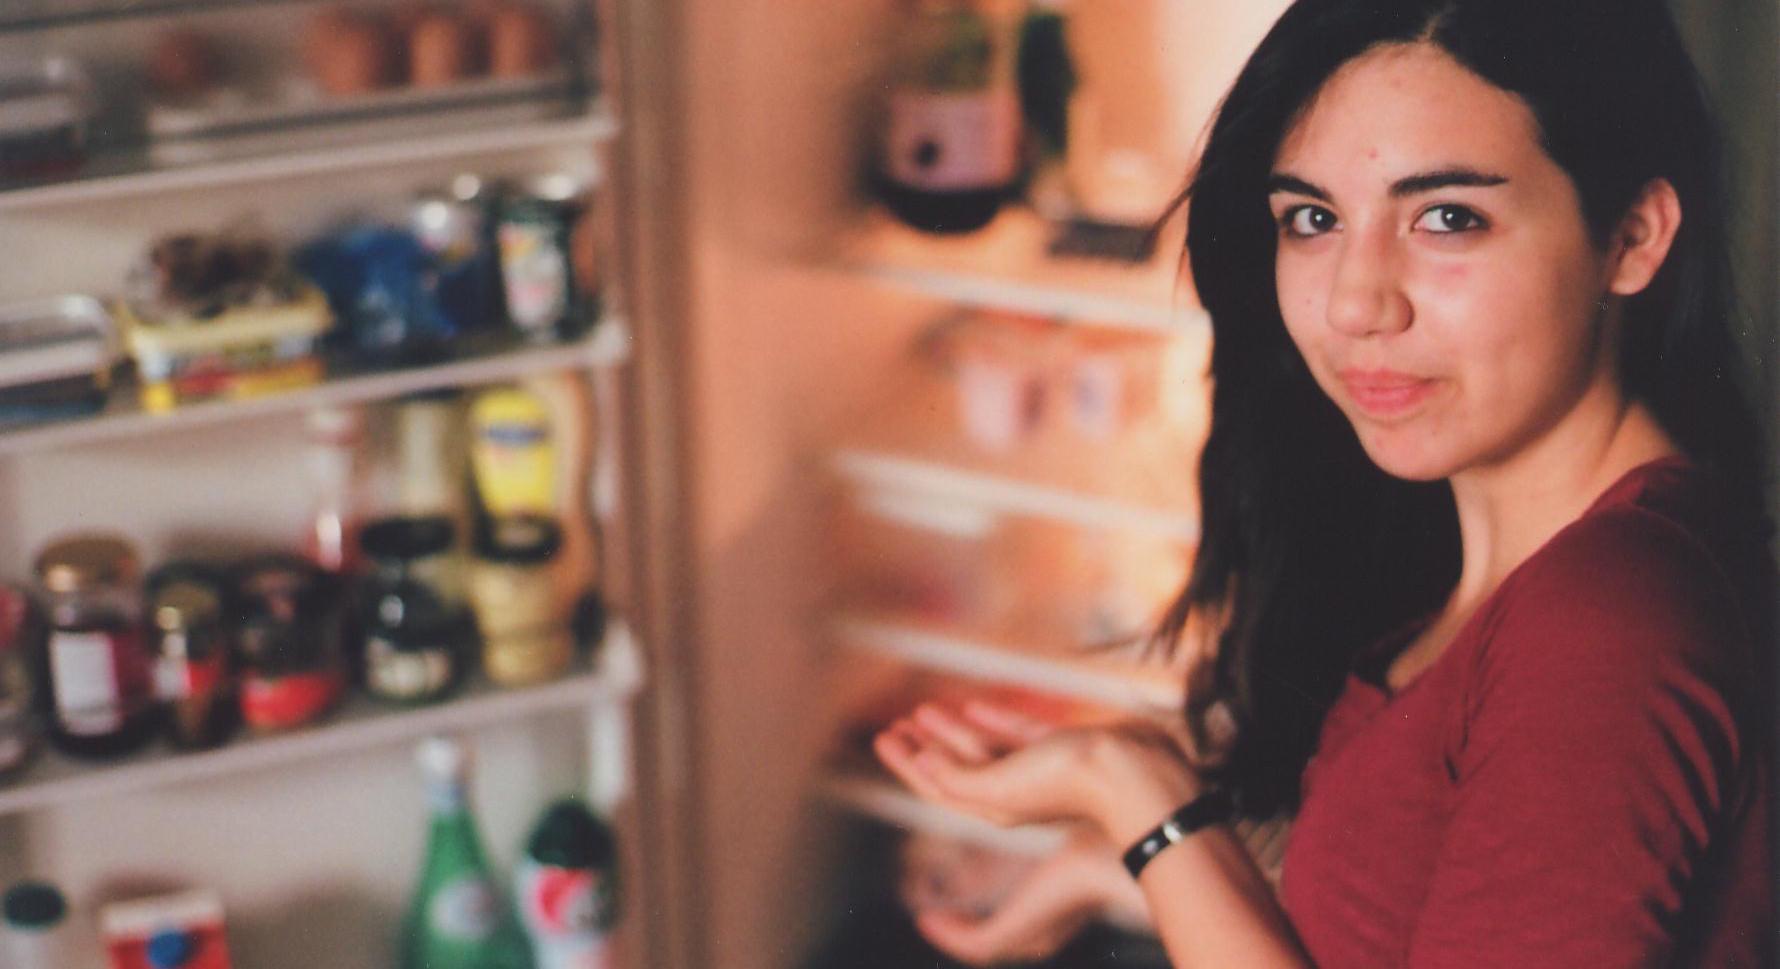 Mini Kühlschrank Offen : Technik erklärt: weshalb es wärmer im raum wird wenn die